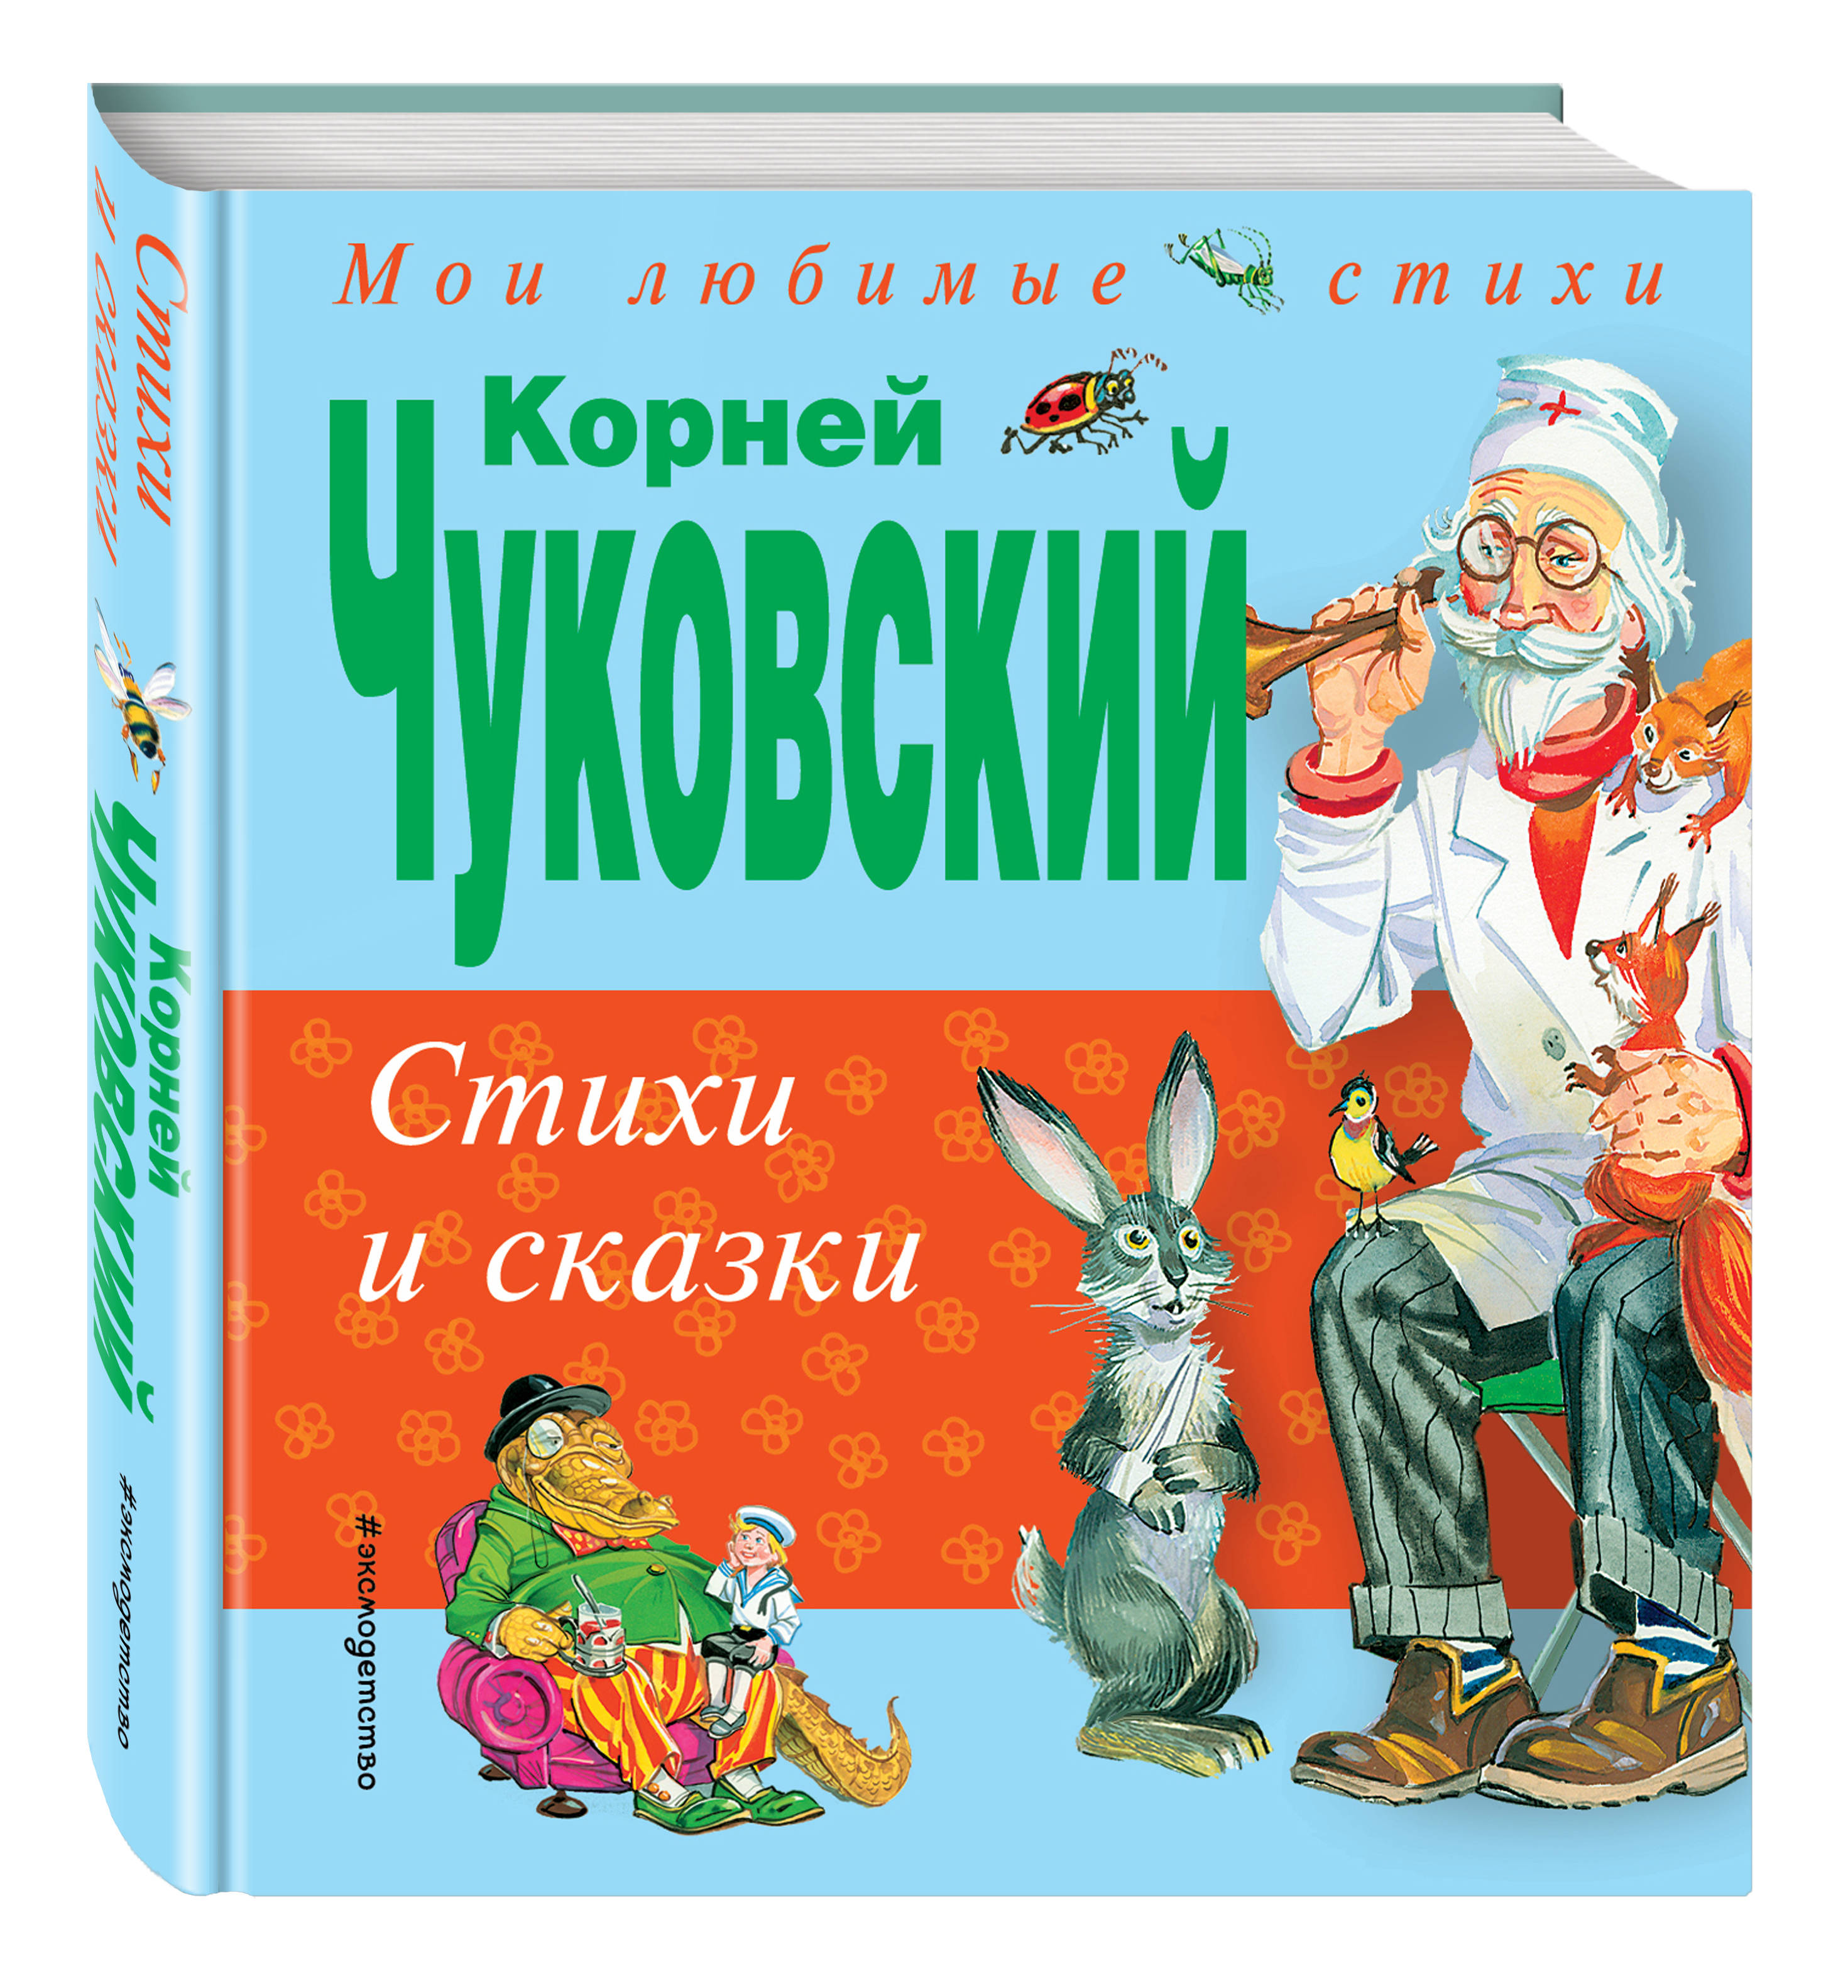 Чуковский К.И. Стихи и сказки сказки ученого кота 2018 05 26t12 00